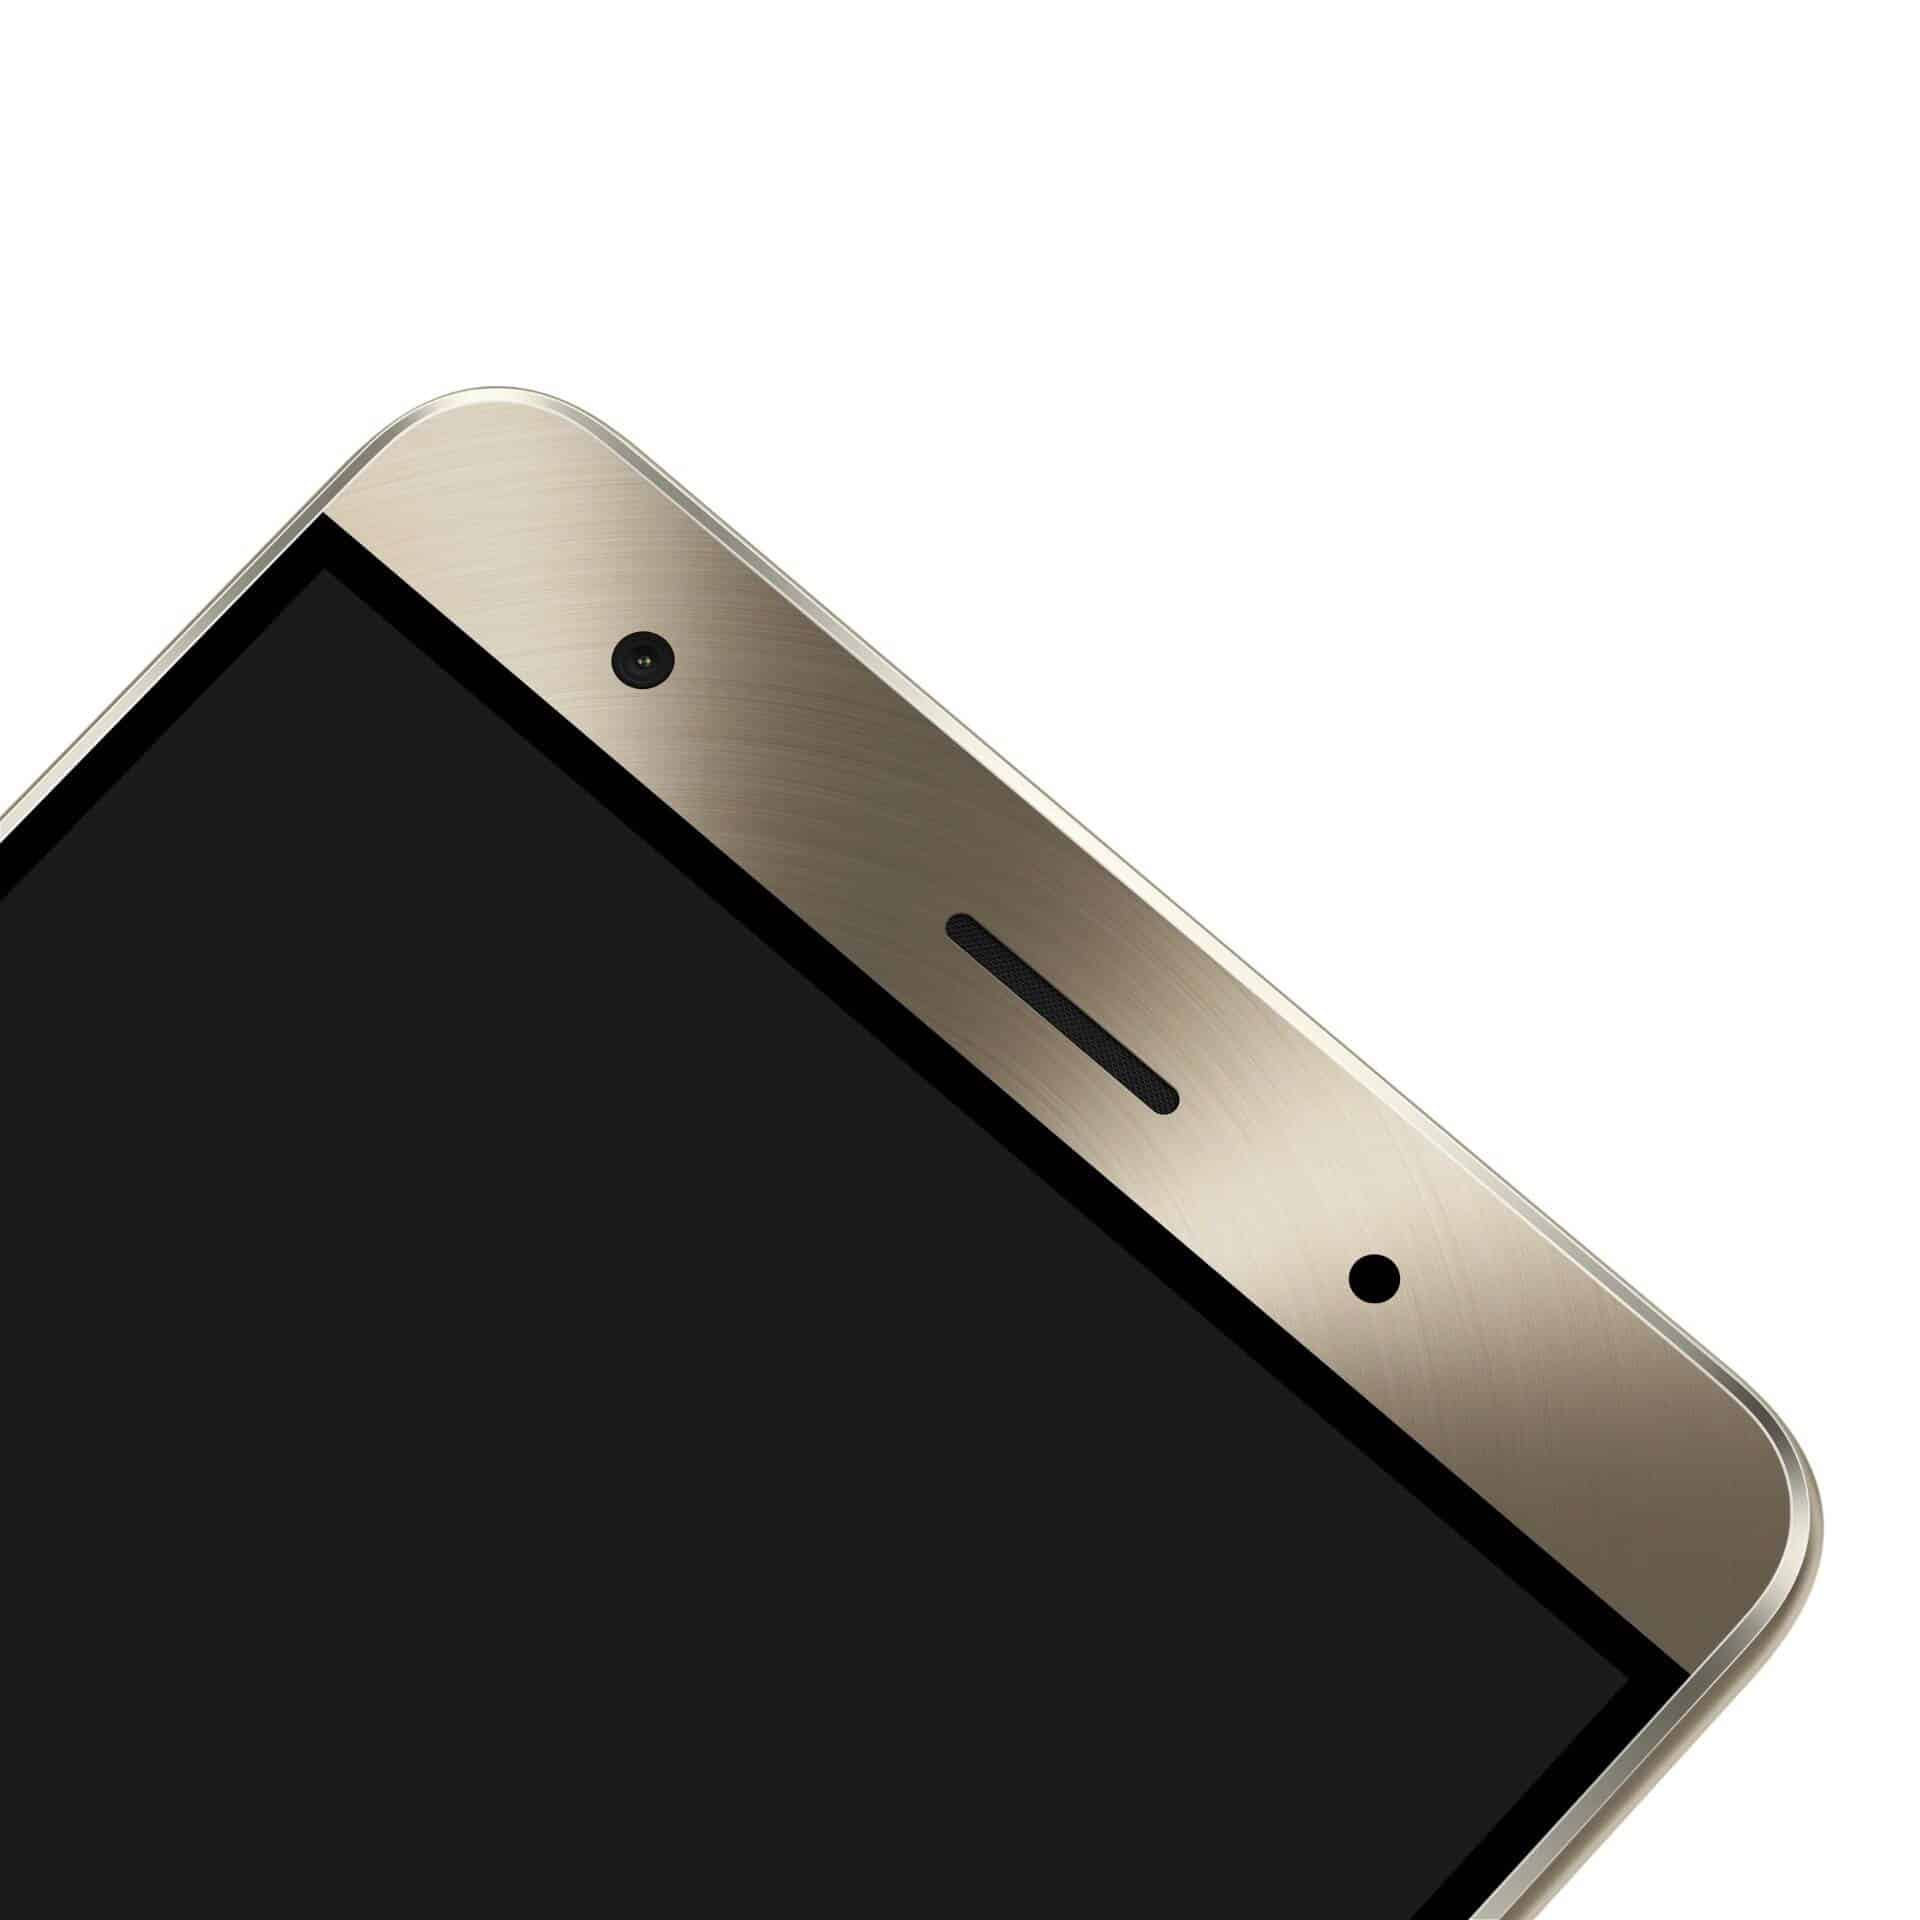 ASUS ZenFone 3 Deluxe 12